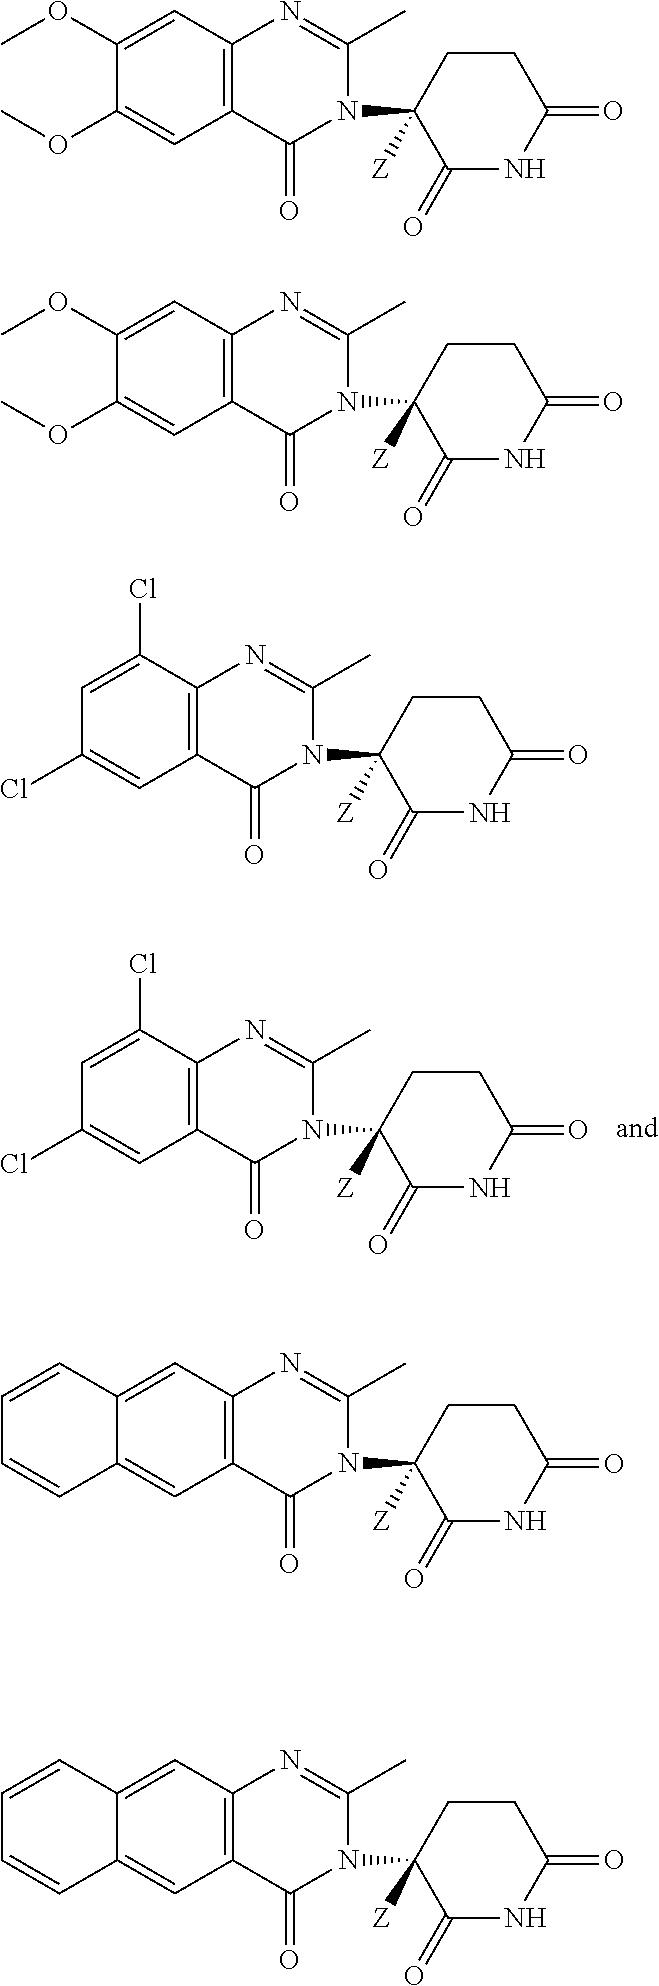 Figure US09913845-20180313-C00042